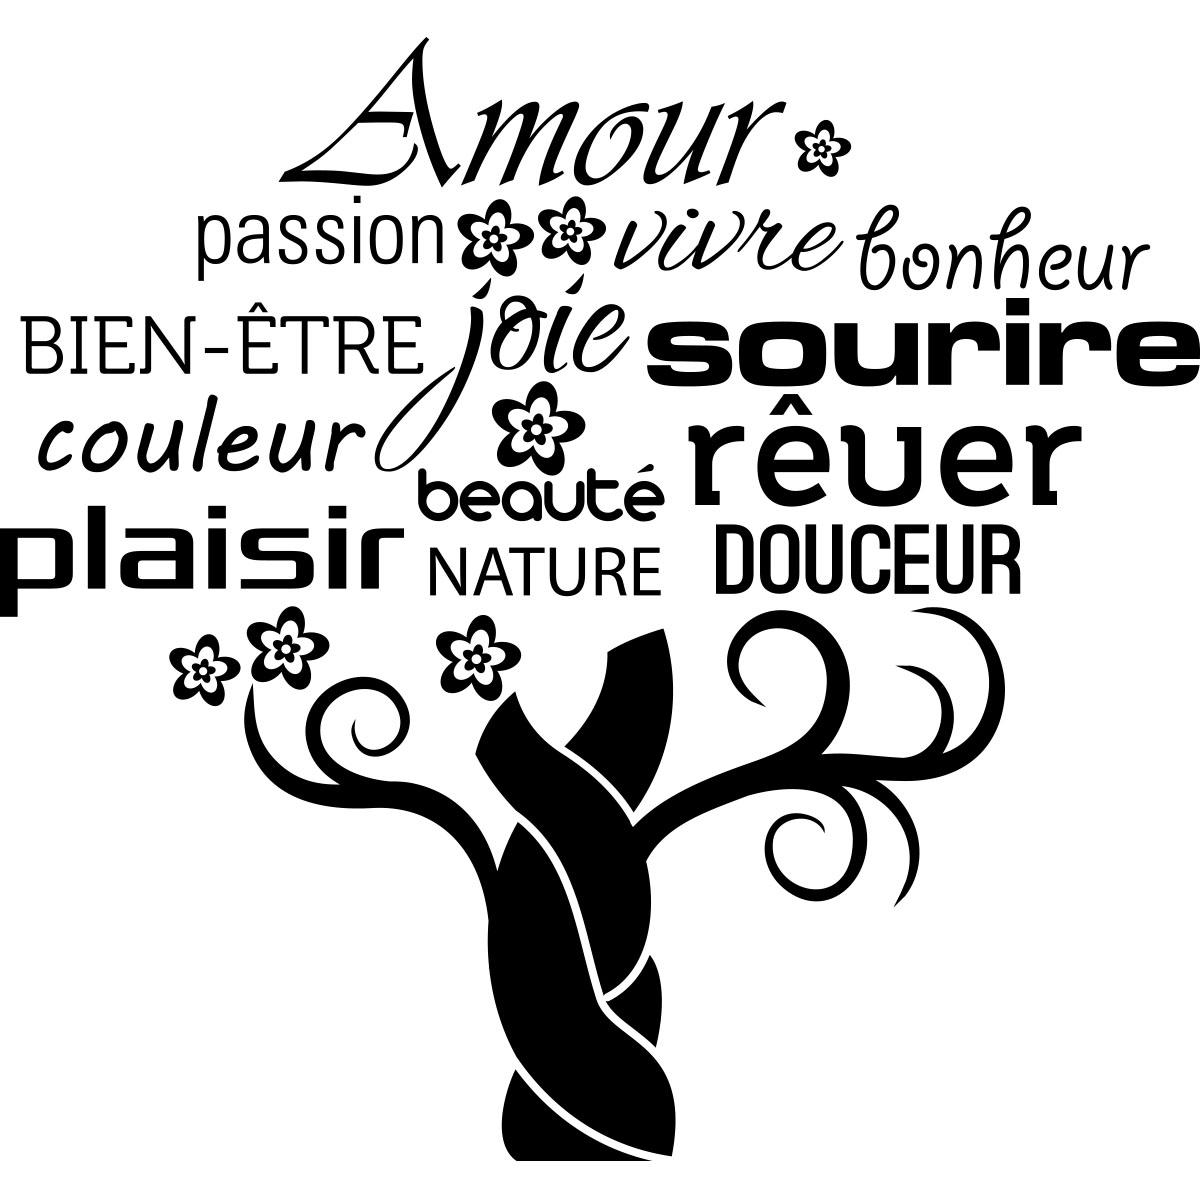 sticker amour passion vivre bonheur stickers citations fran ais ambiance sticker. Black Bedroom Furniture Sets. Home Design Ideas